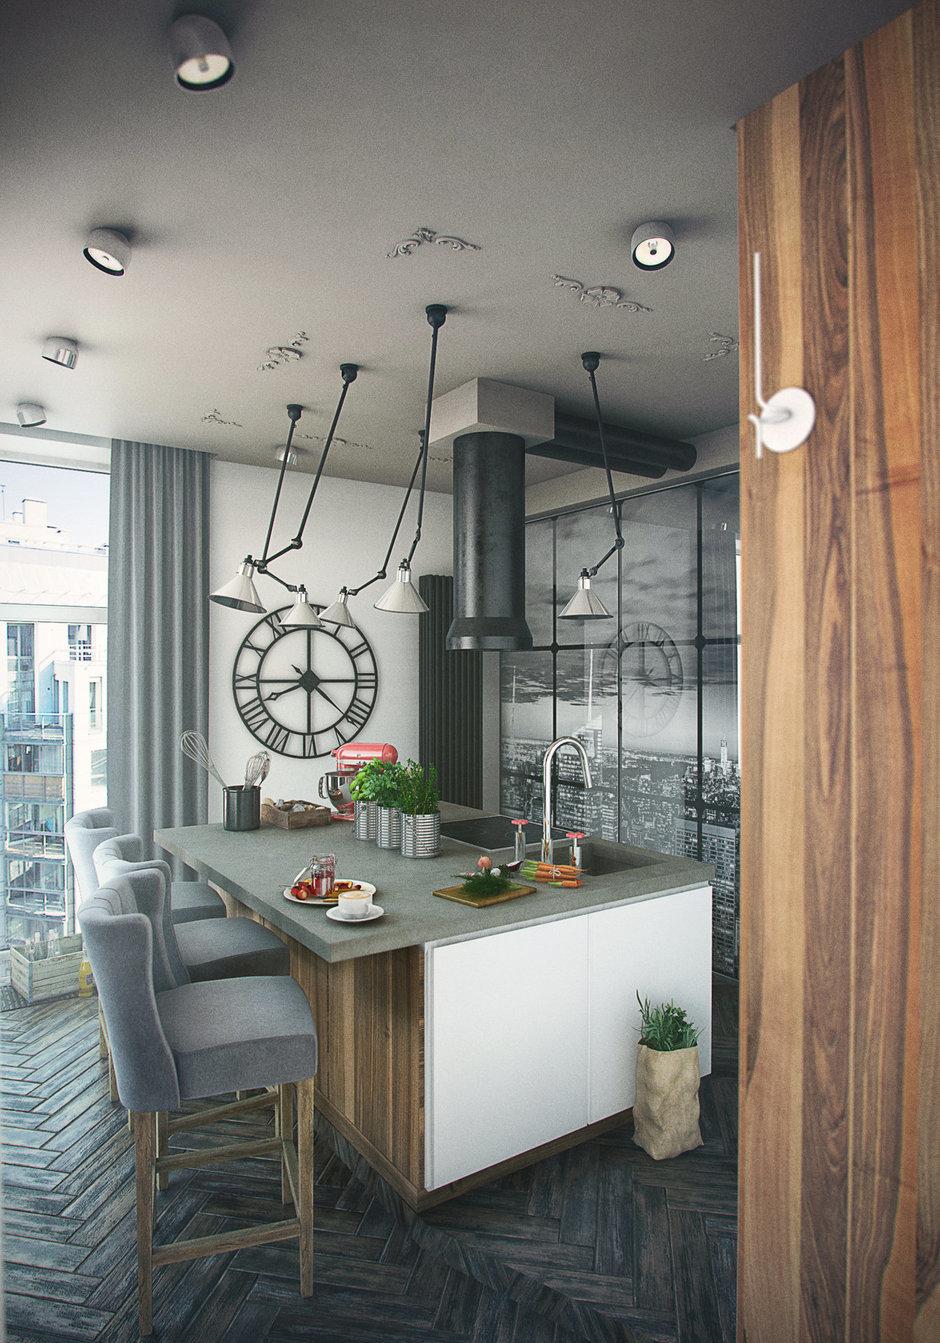 Фотография: Кухня и столовая в стиле Лофт, Эклектика, Квартира, Дома и квартиры, IKEA – фото на InMyRoom.ru